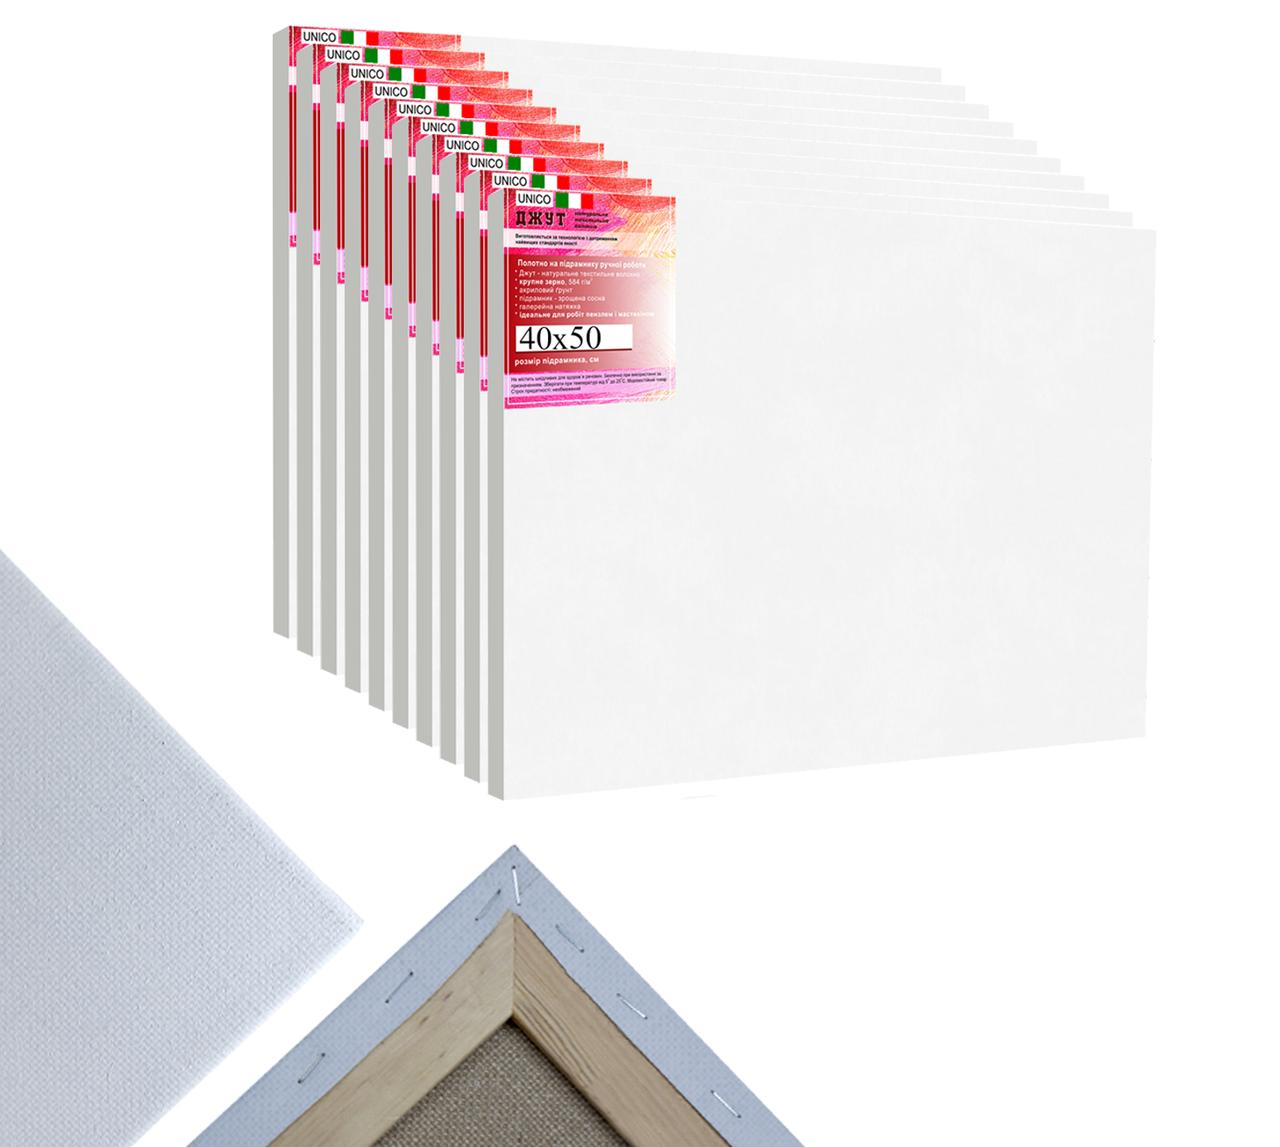 Набір полотен на підрамнику Factura Unico 40х50 см 10 шт. Джут Італія 584 грам кв. м. крупне зерно, білий